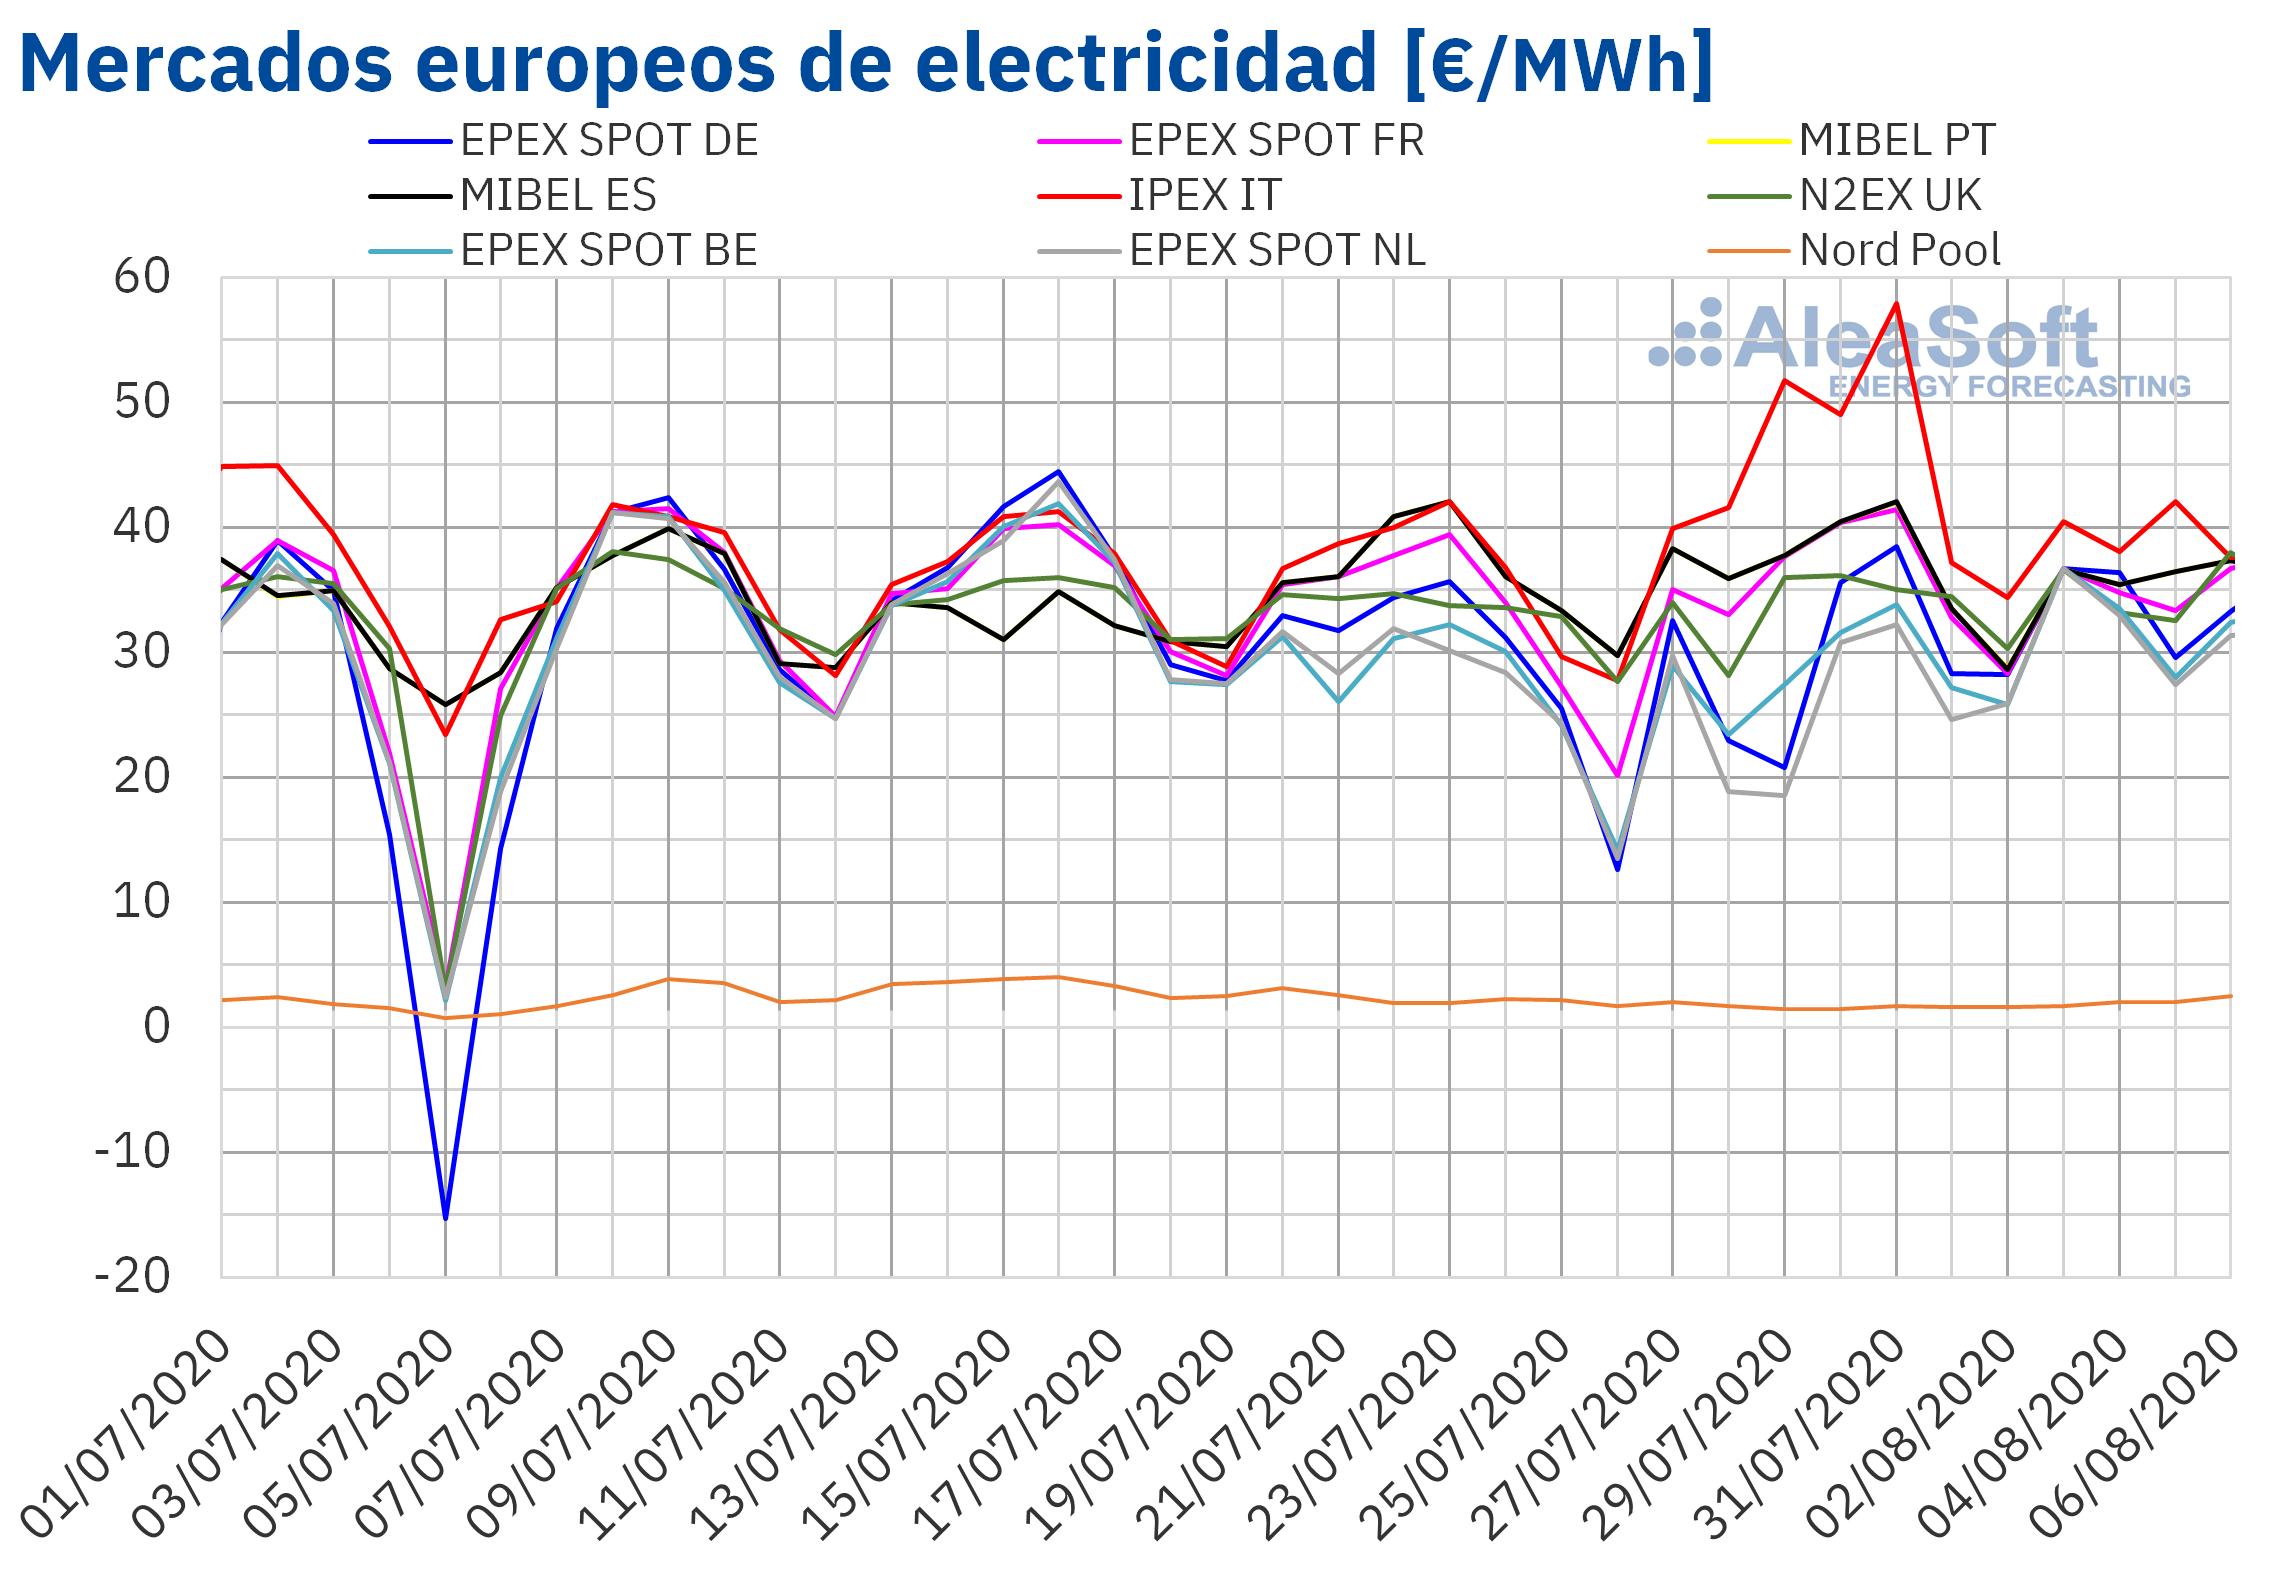 alt - https://static.comunicae.com/photos/notas/1217029/1596719600_20200806_AleaSoft_Precios_mercados_europeos_electricidad.png